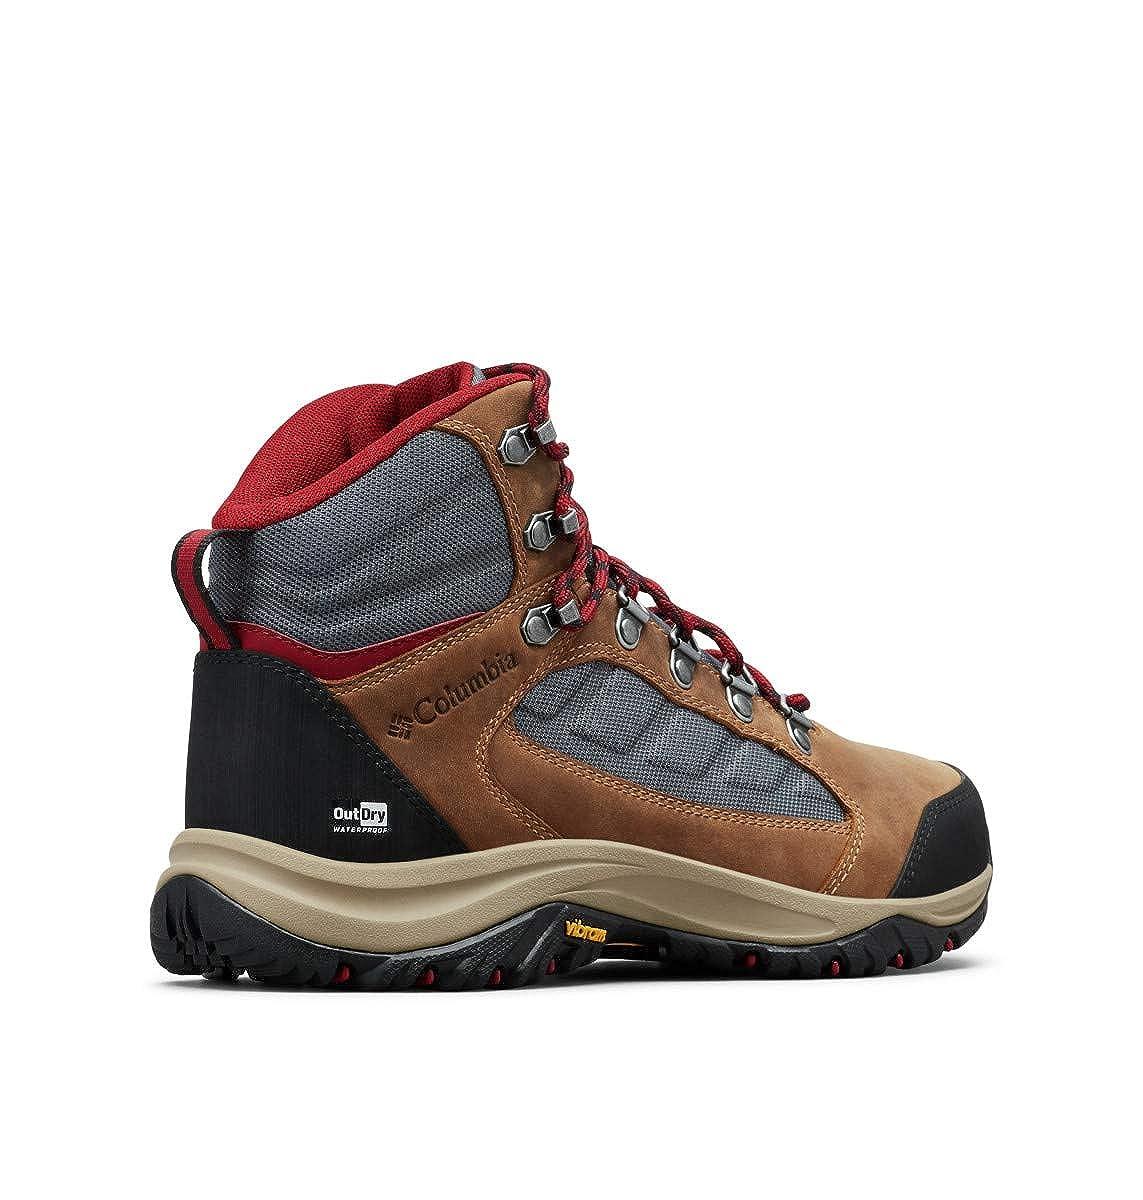 Chaussures de Randonn/ée Imperm/éables Femme Columbia 100mw Mid Outdry